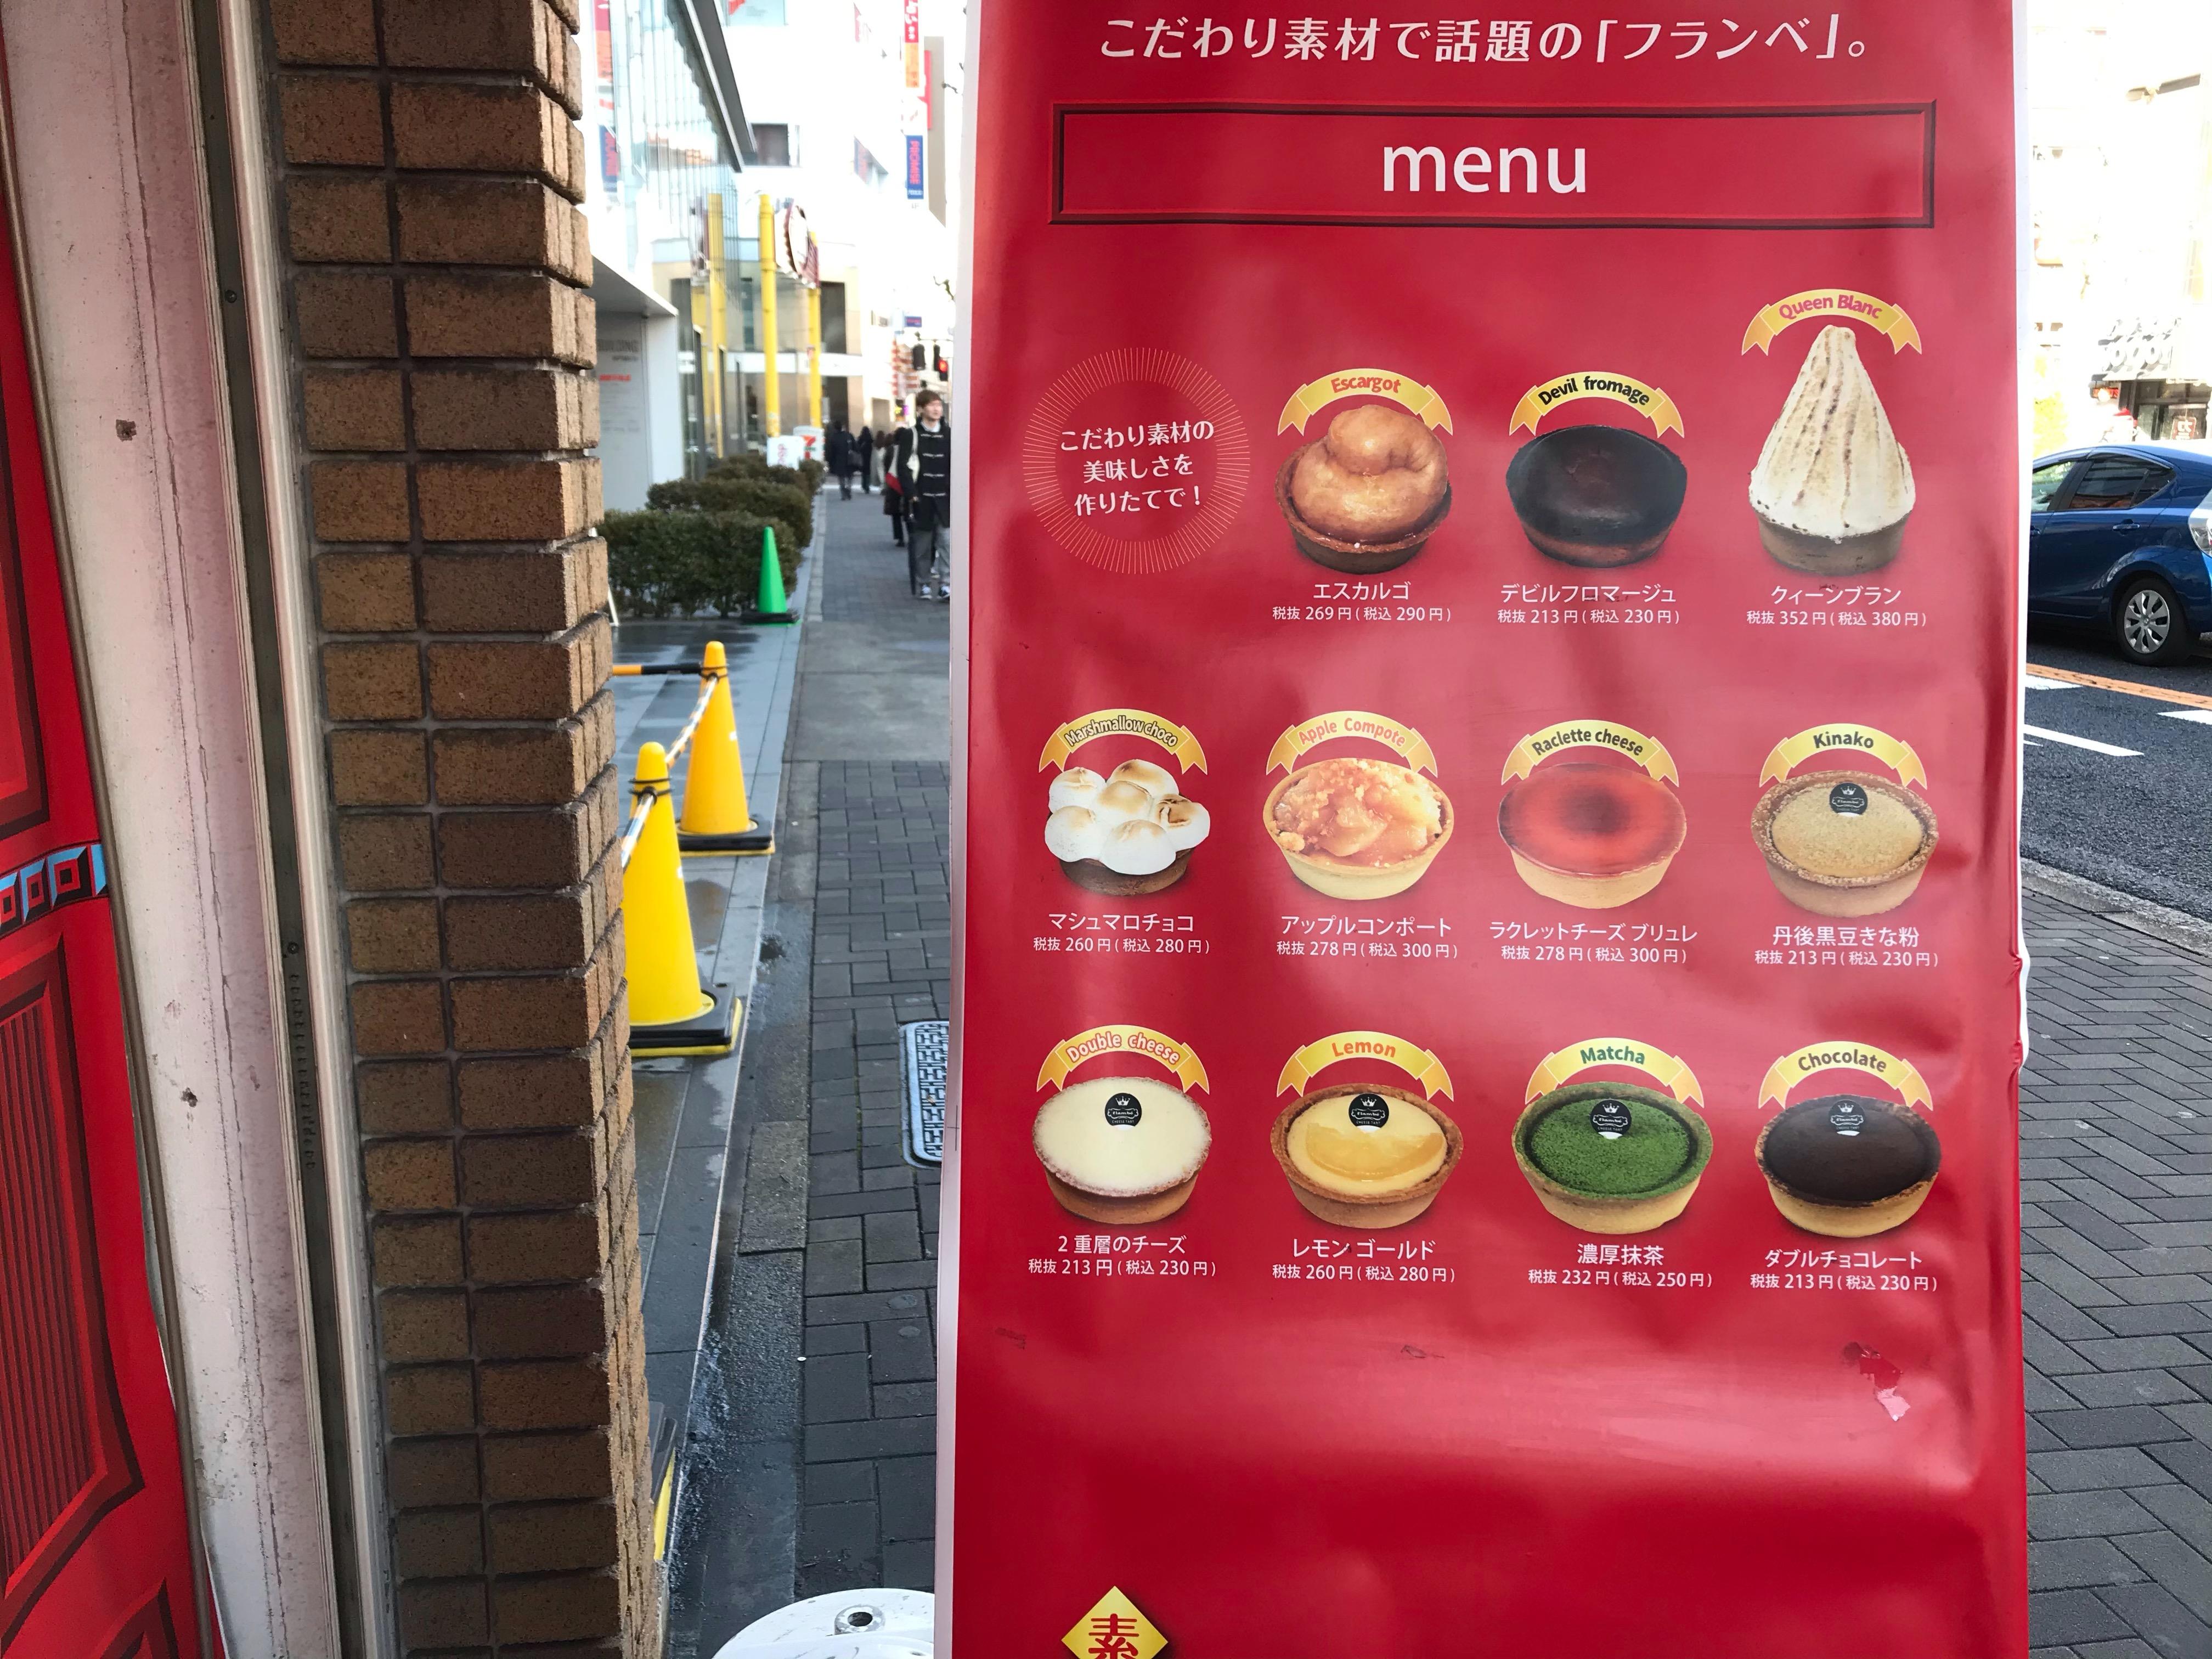 【閉店】チーズ好きは大須「フランベ」へ急げ!名古屋の最新チーズスイーツはこれだ! - S  1228836